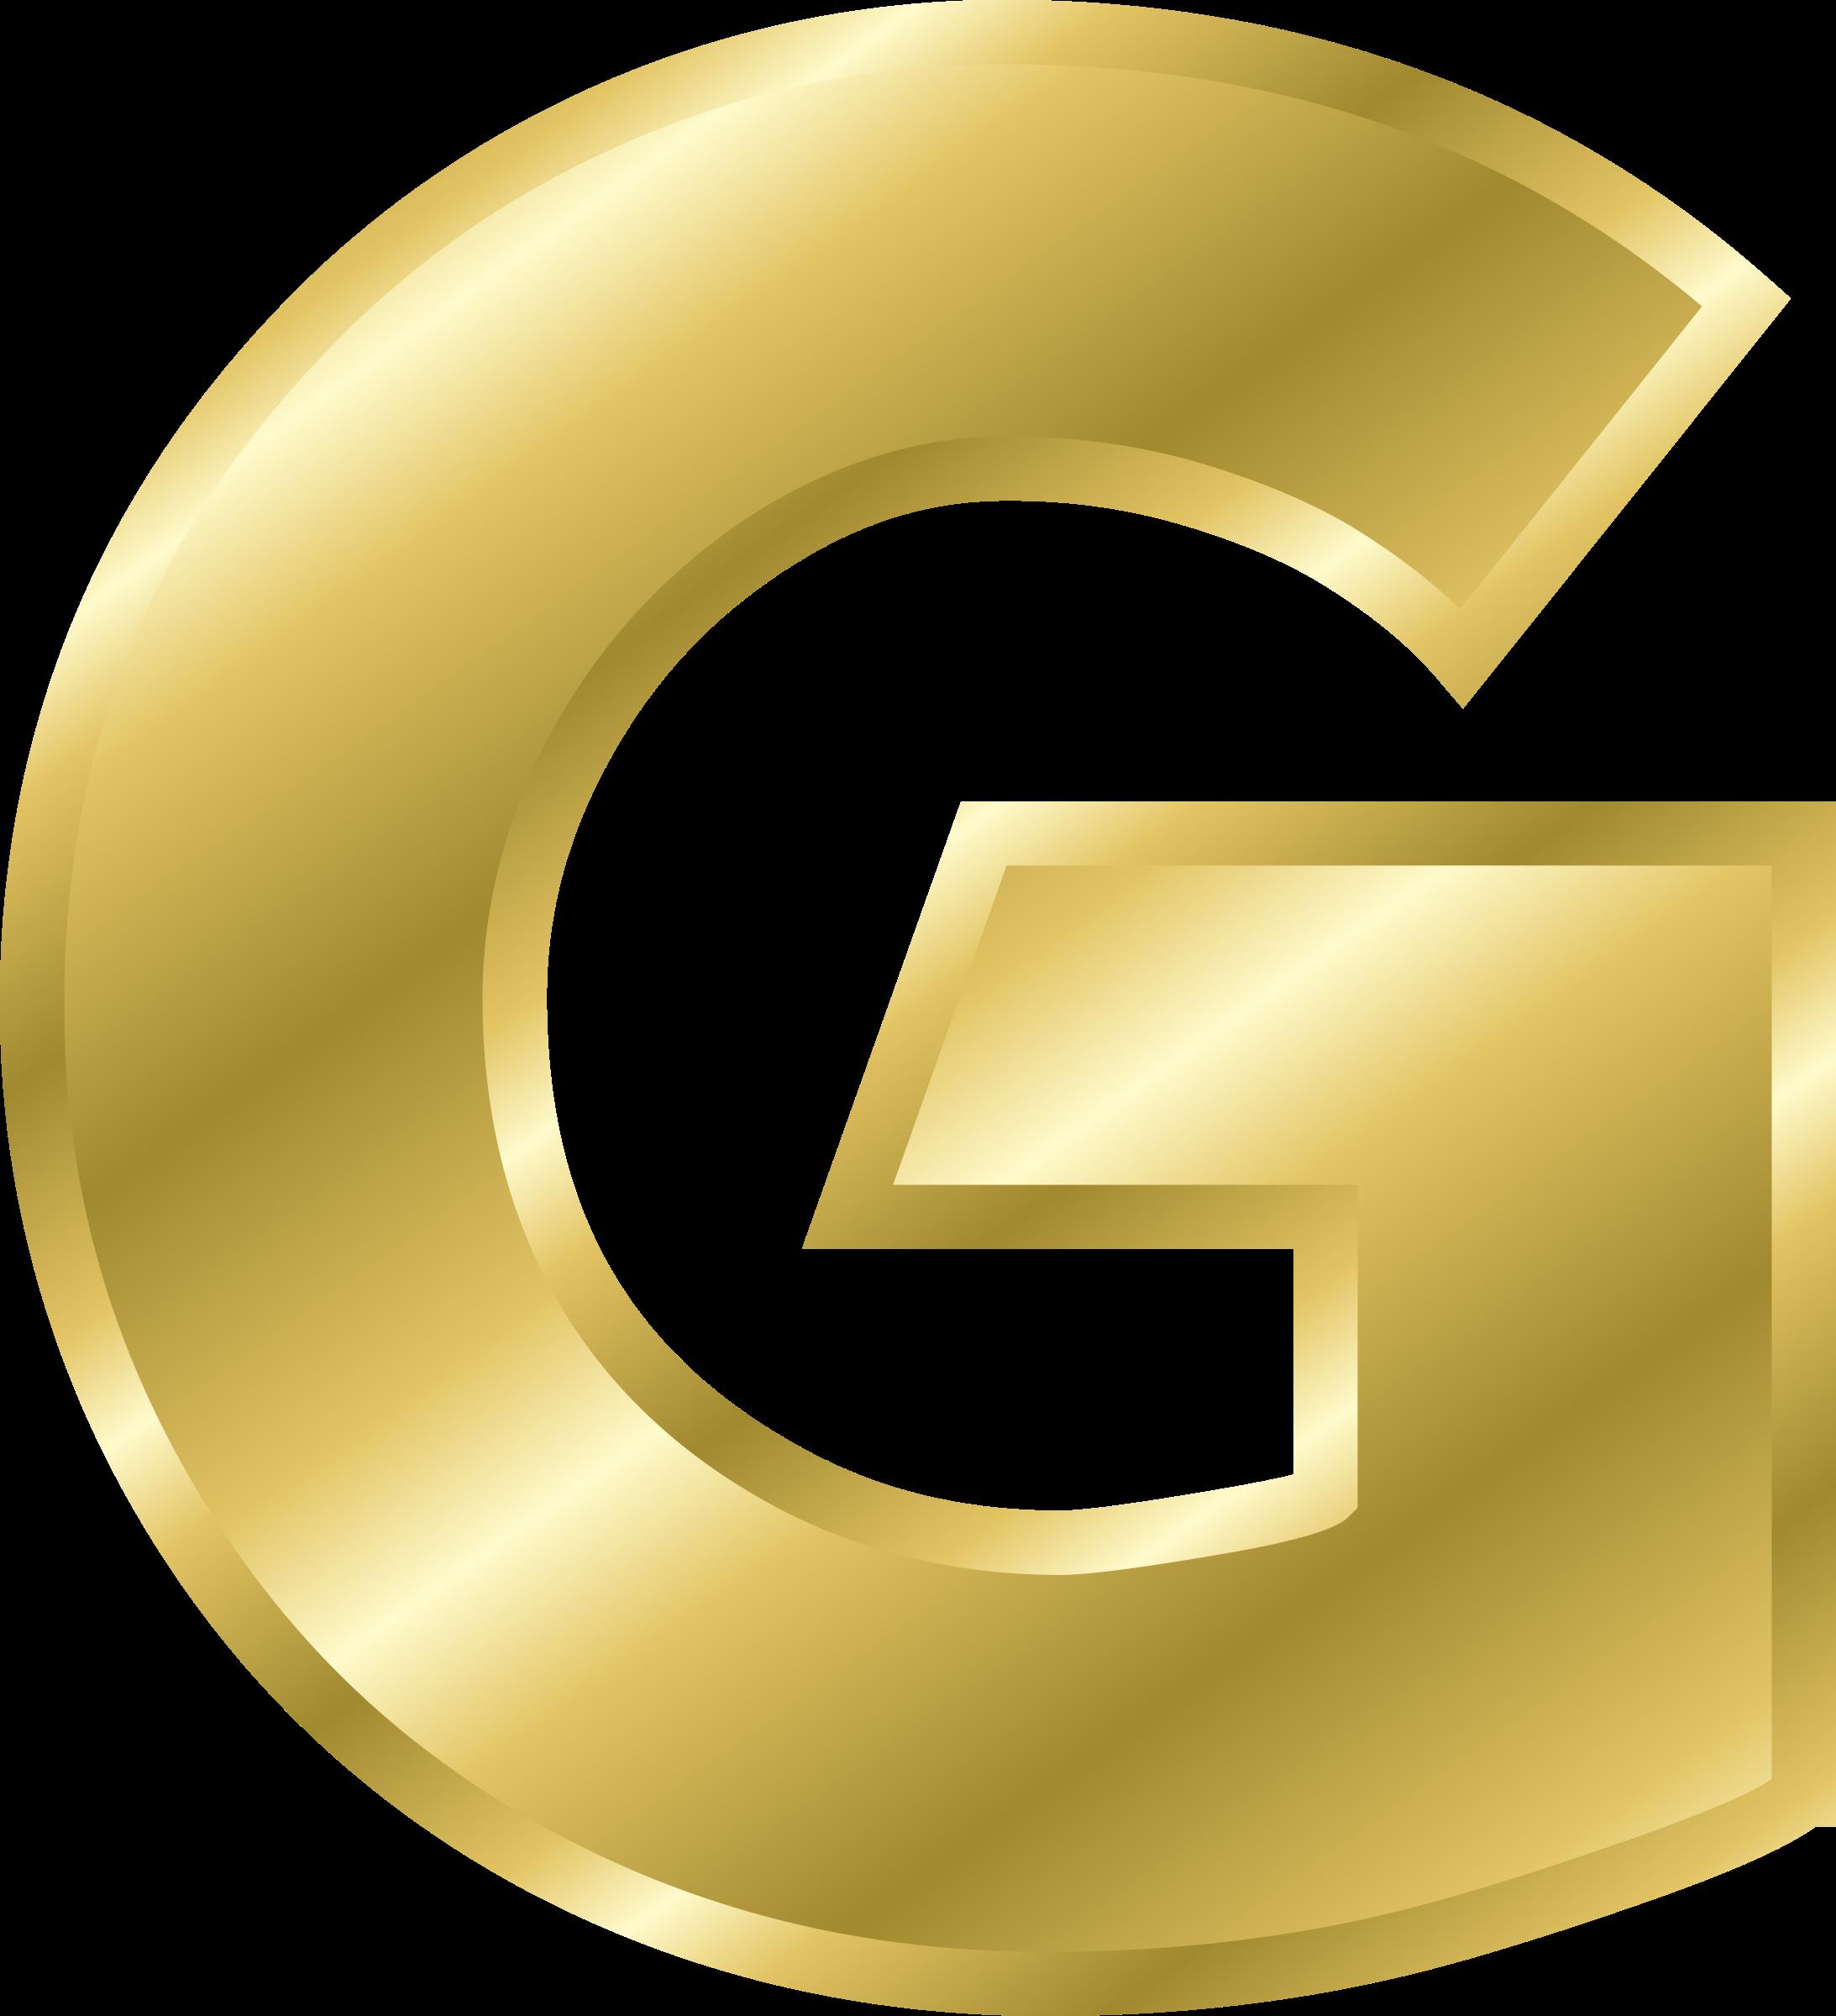 Letters clipart official letter. Gold alphabet clip art